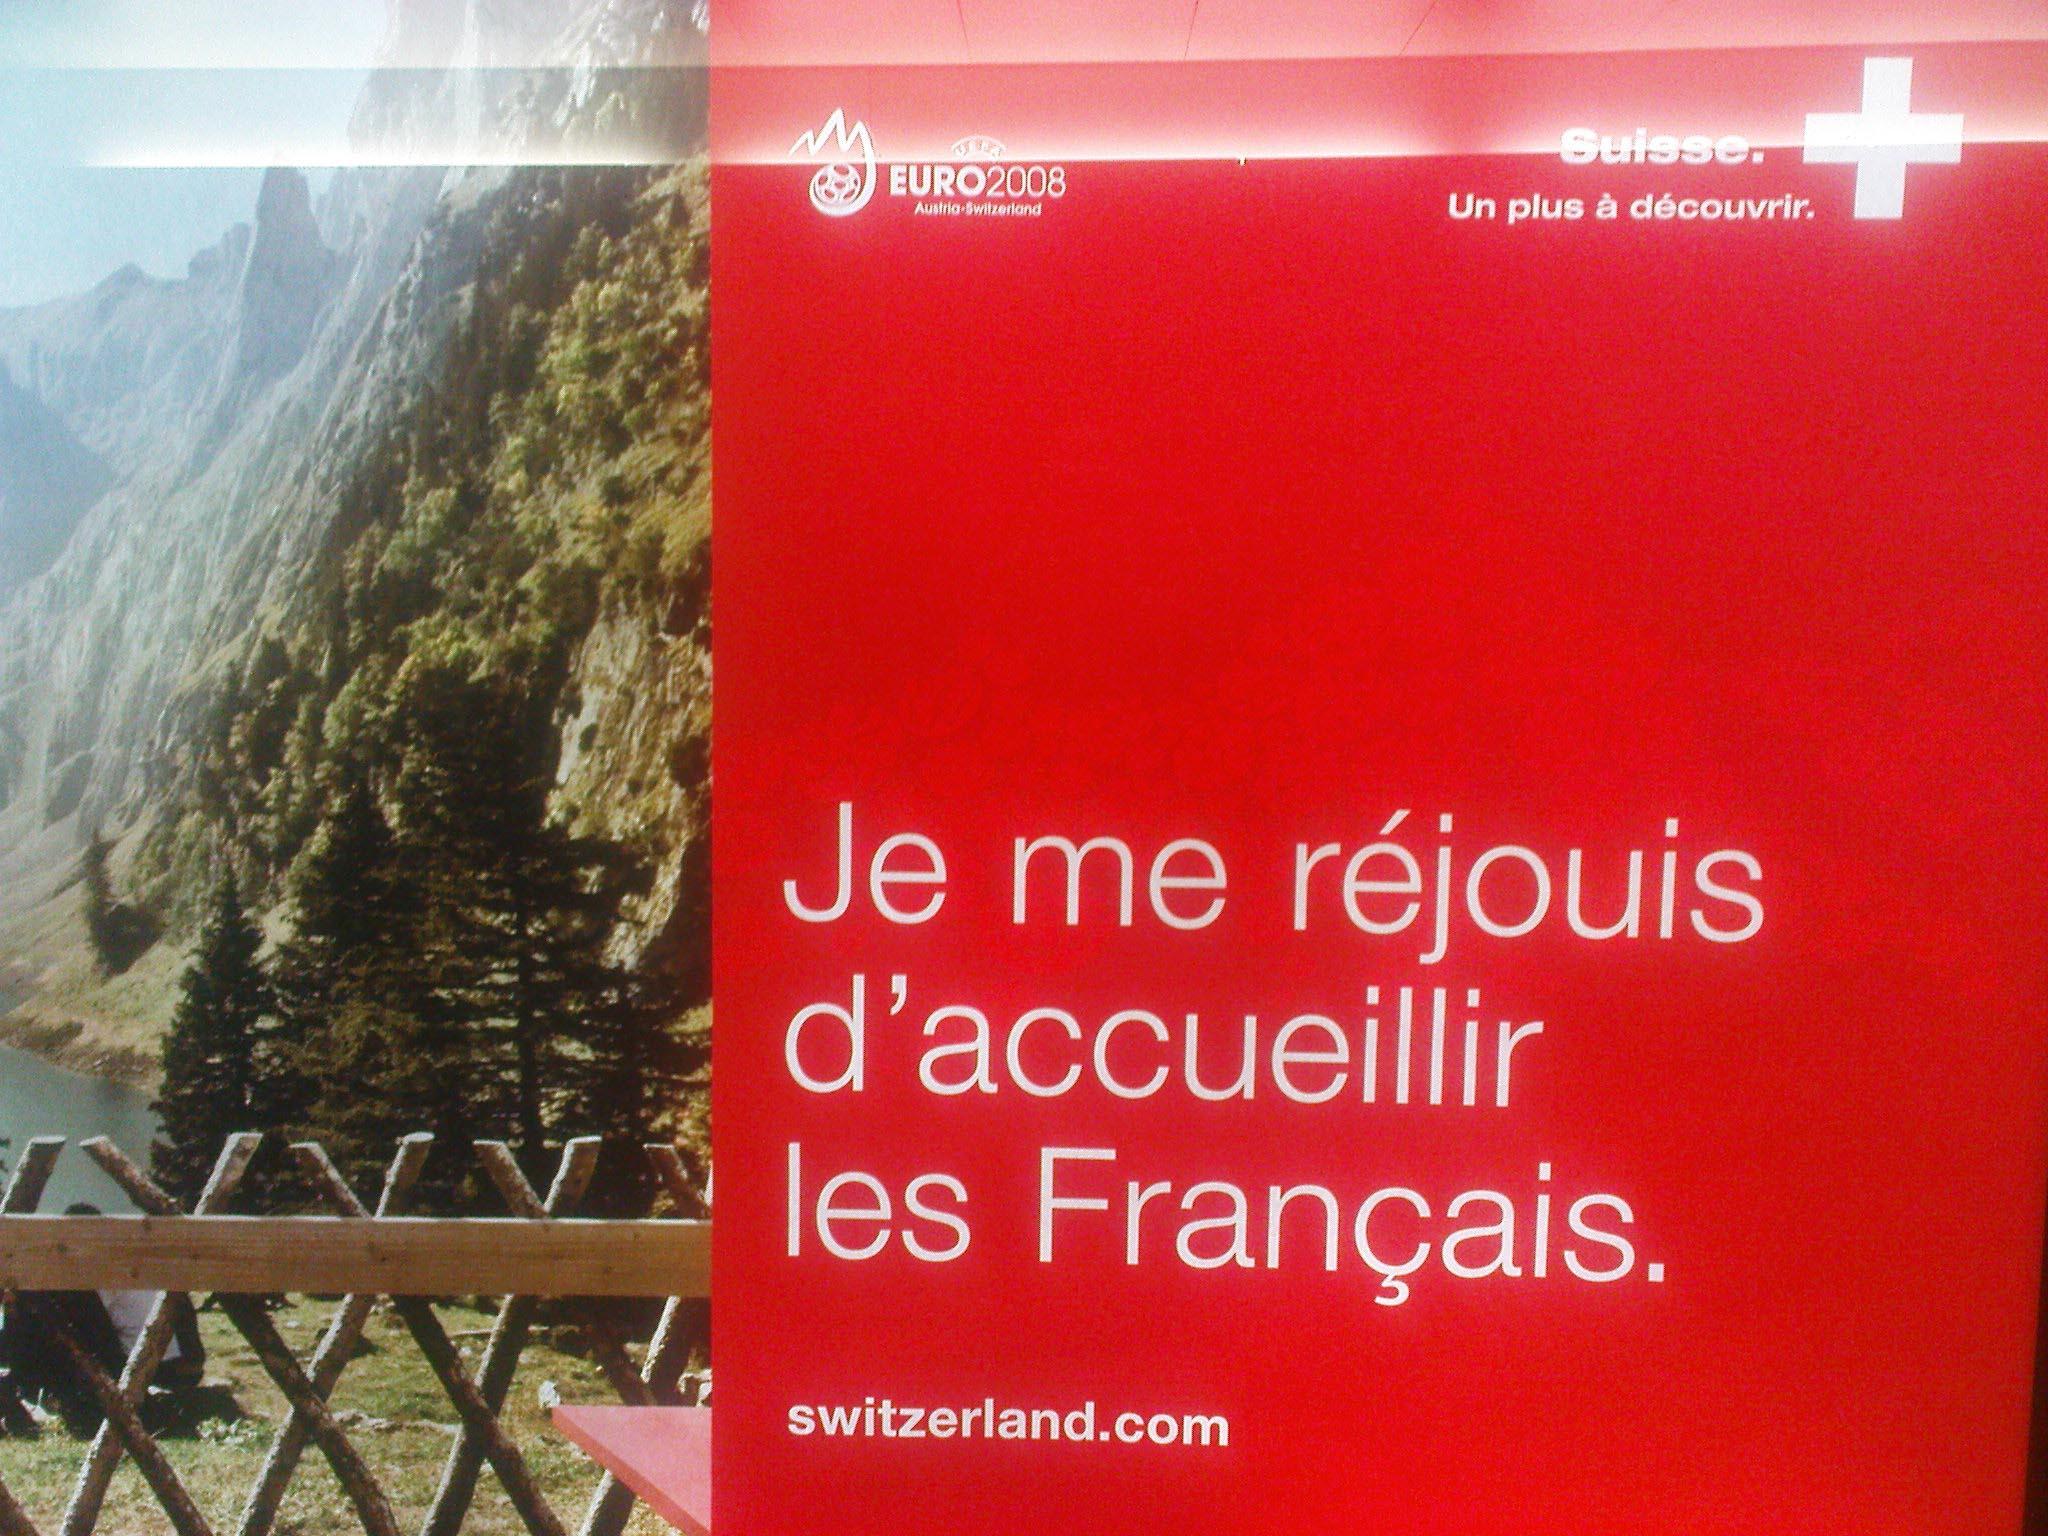 Accueil francais